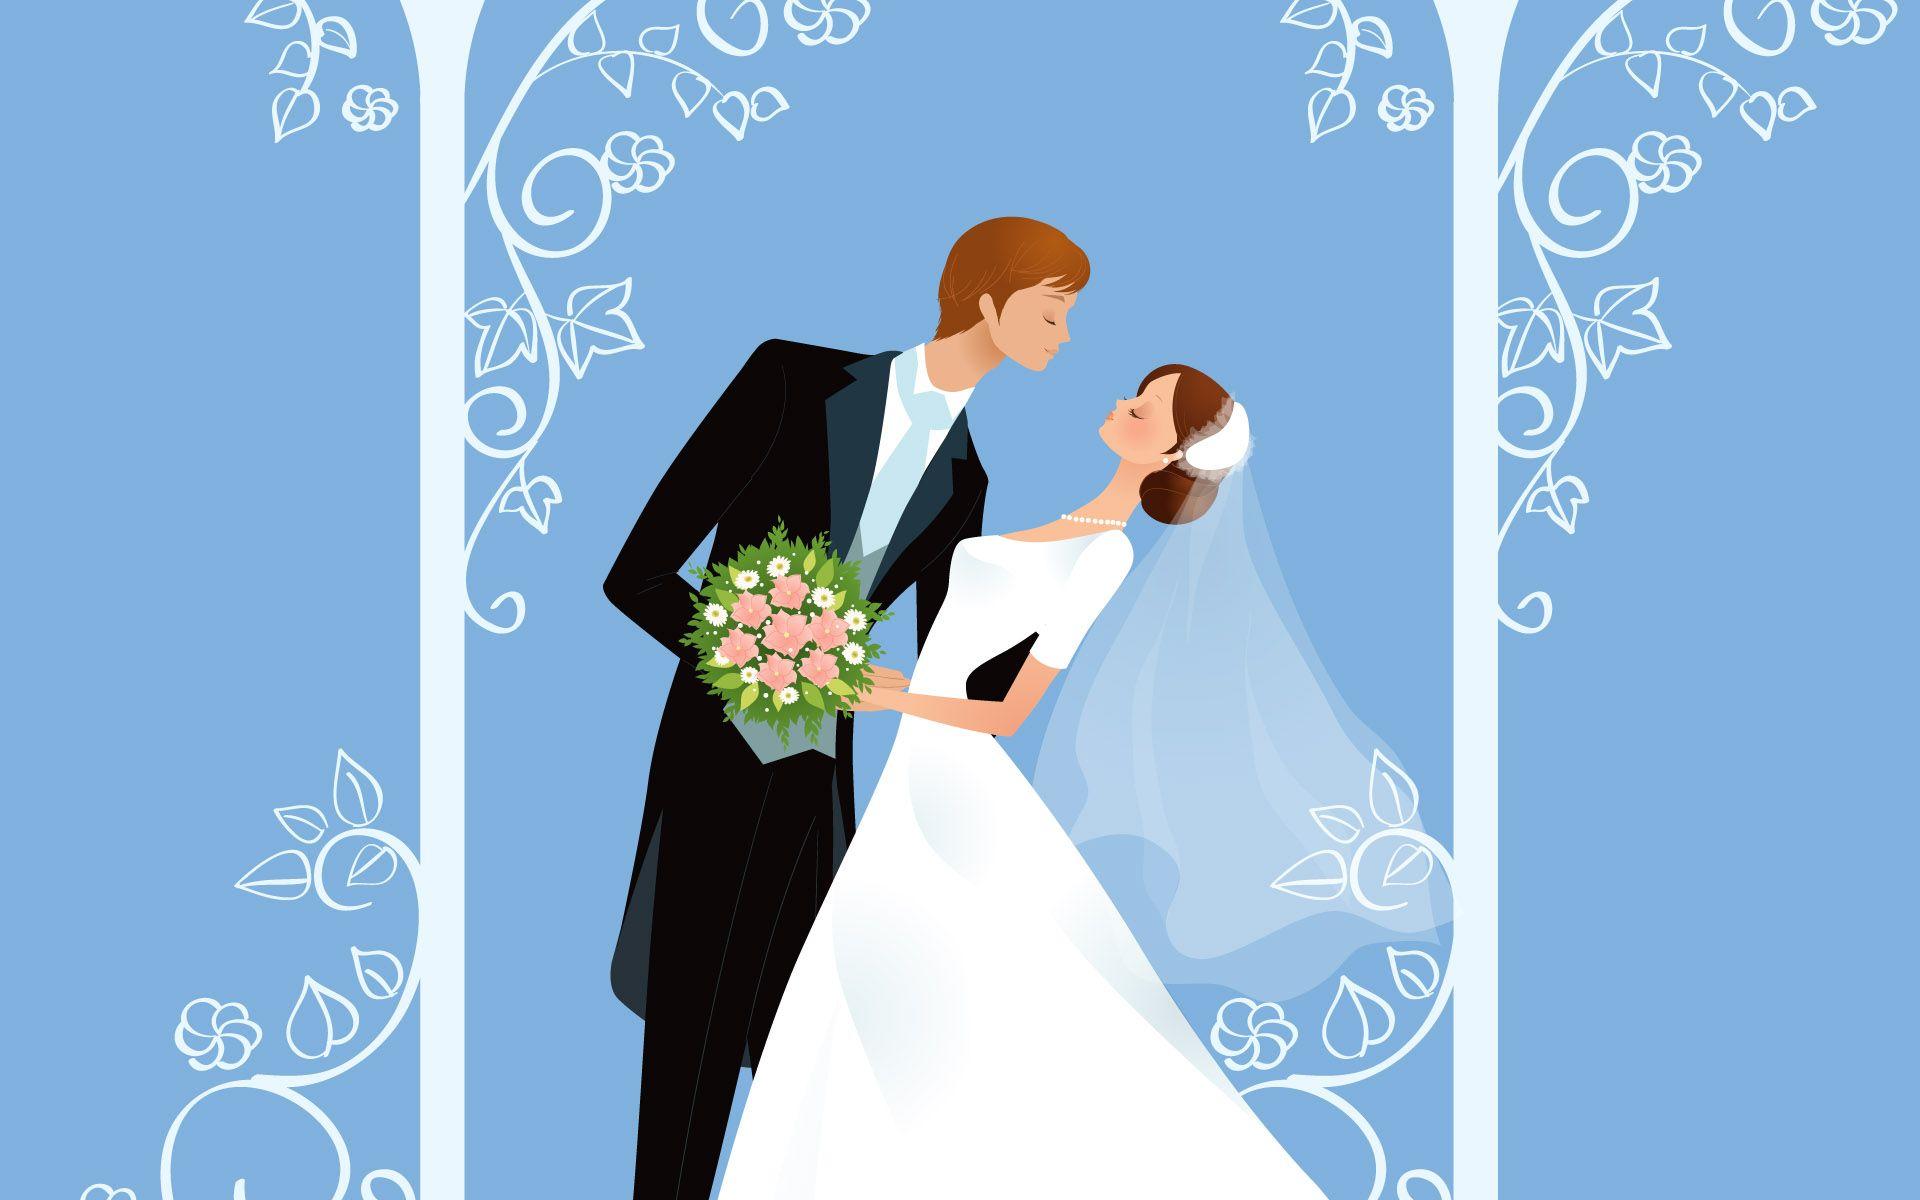 Картинки про, открытка на свадьбу шаблон для печати